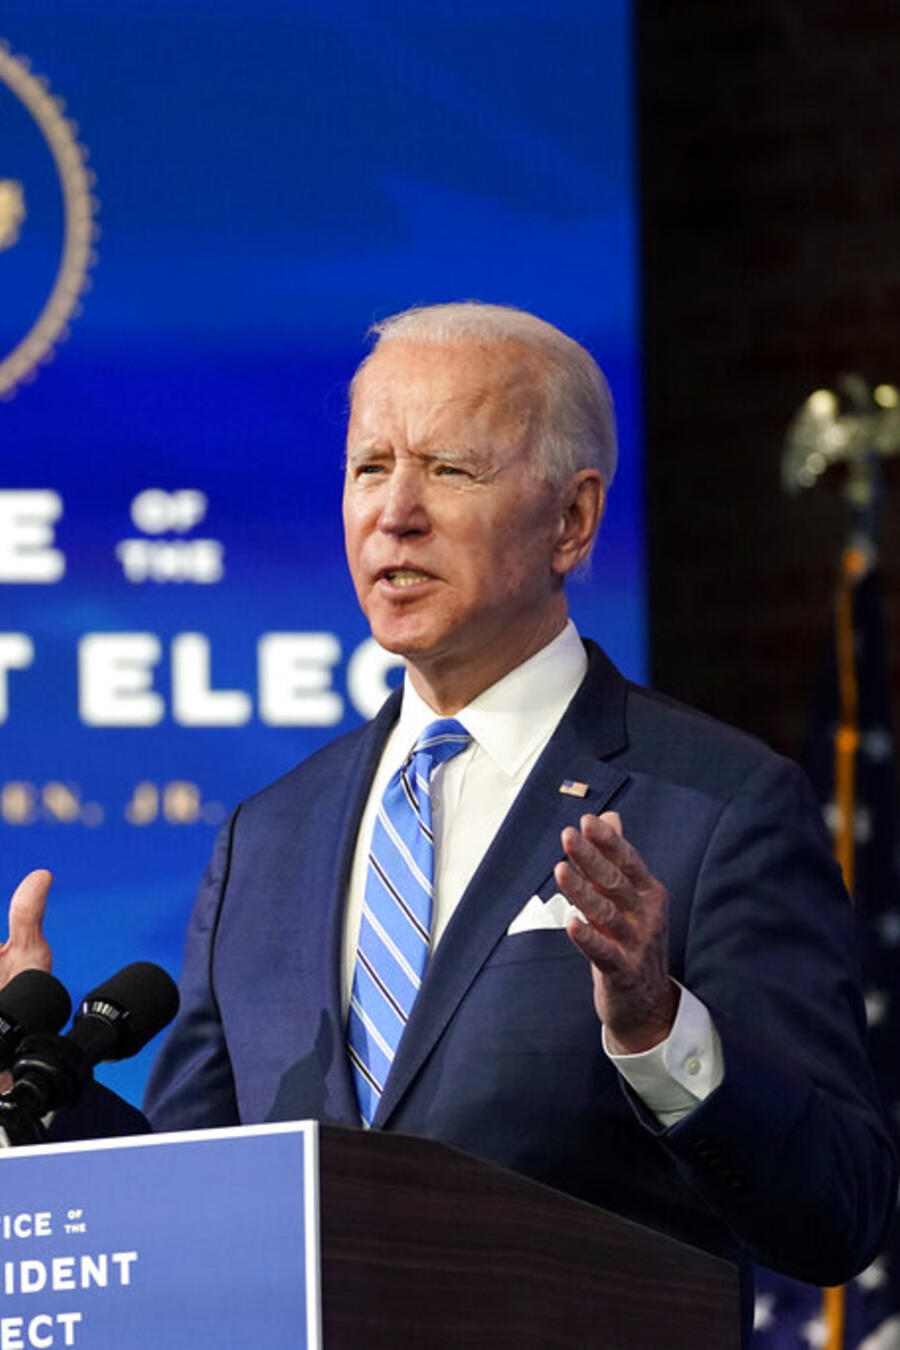 El presidente electo, Joe Biden, habla sobre la pandemia del COVID-19.